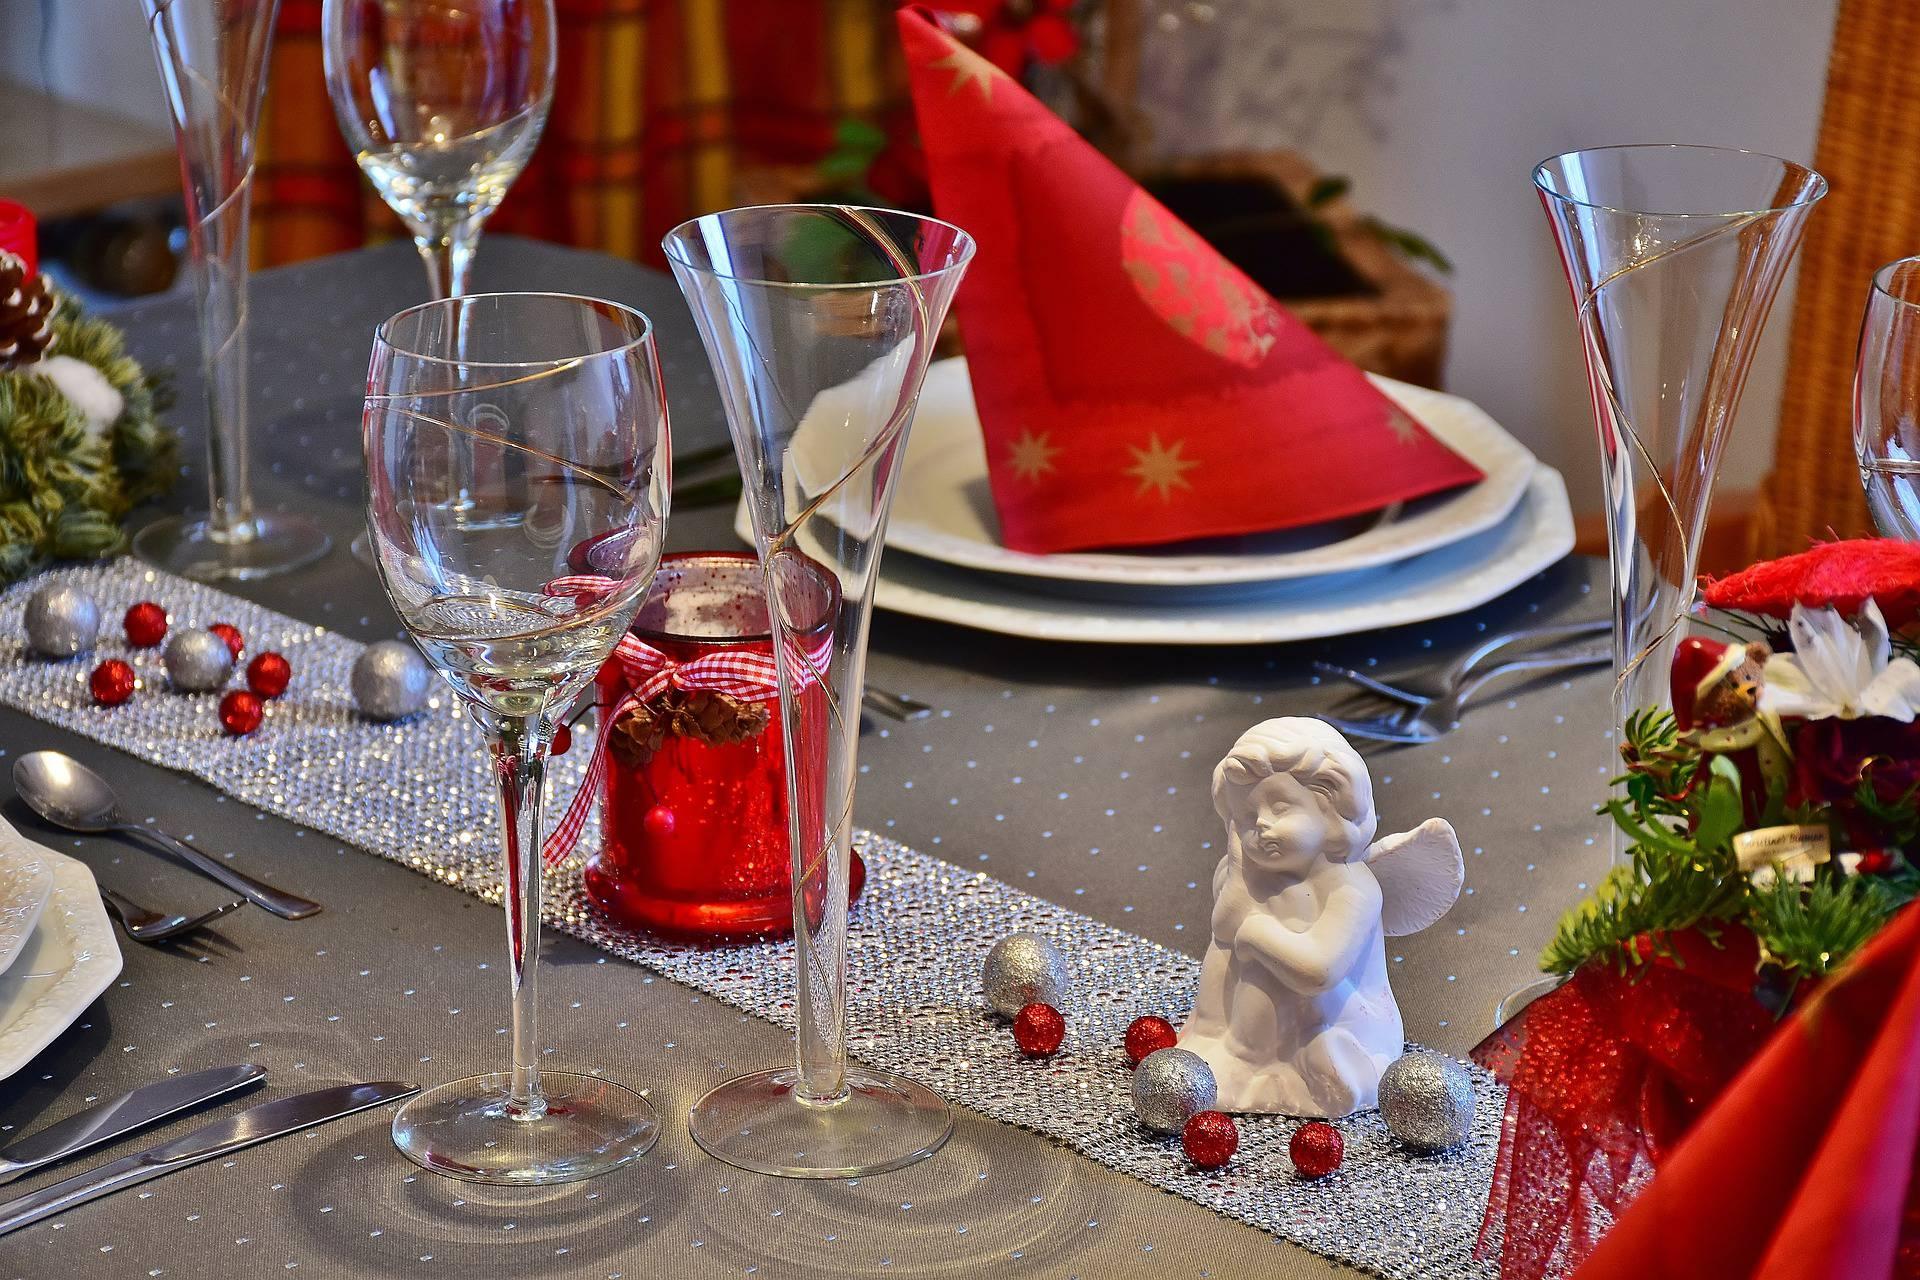 Pranzo di Natale vegetariano, tutte le ricetta dall'antipasto al dolce